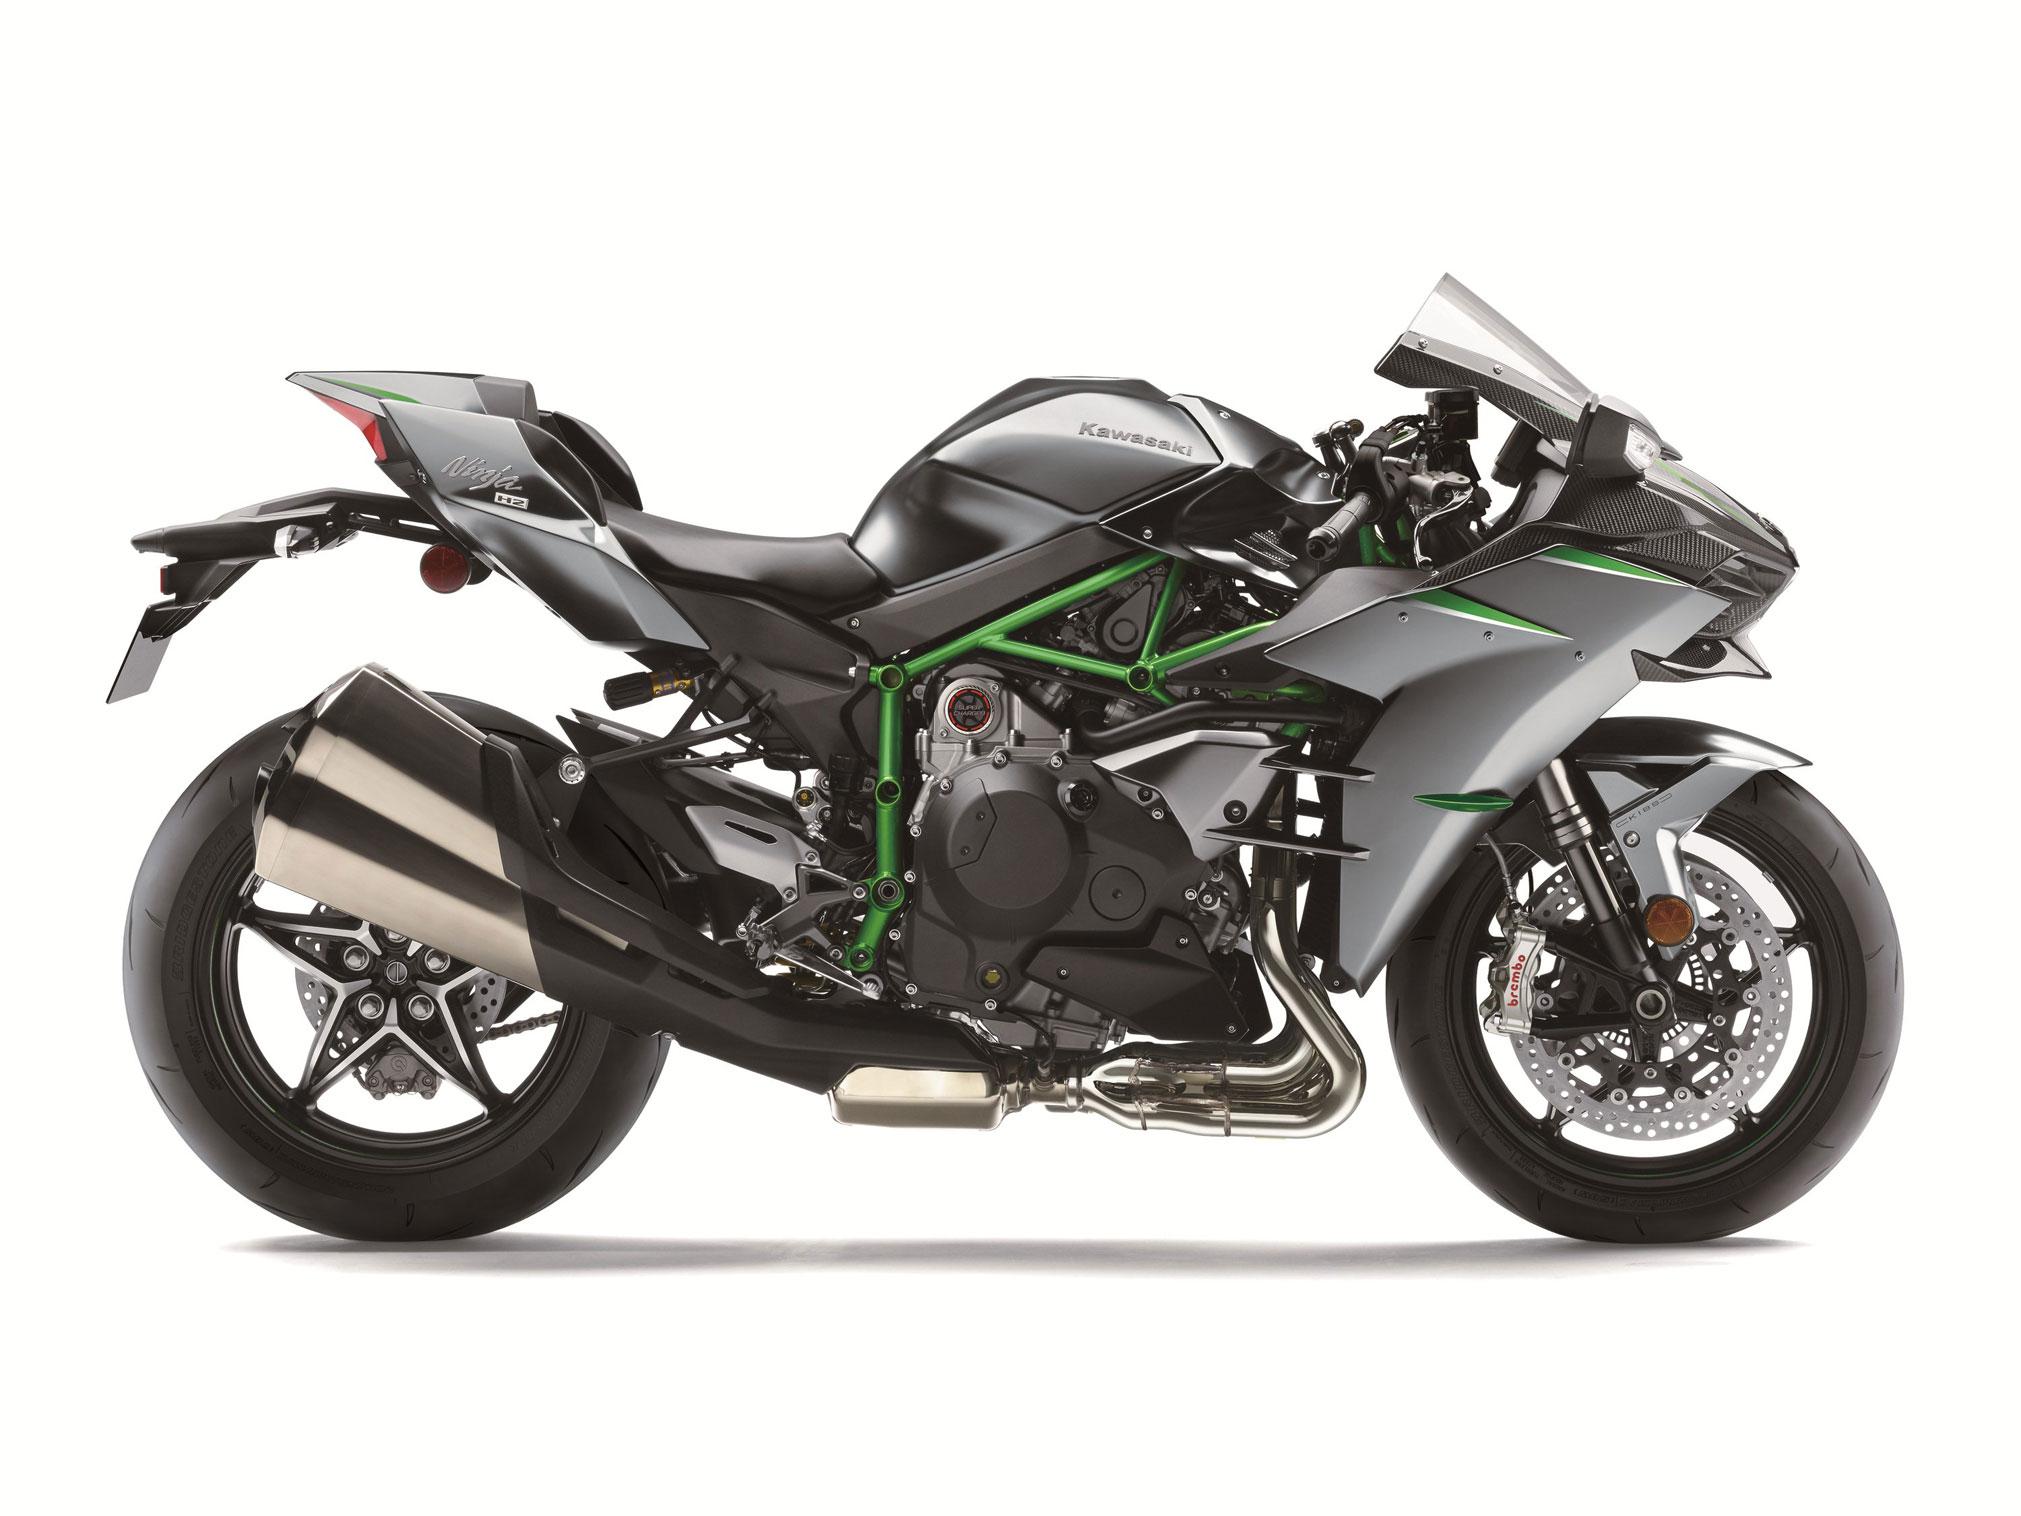 Kawasaki Ninja H2 Carbon. Ảnh: Kawasaki